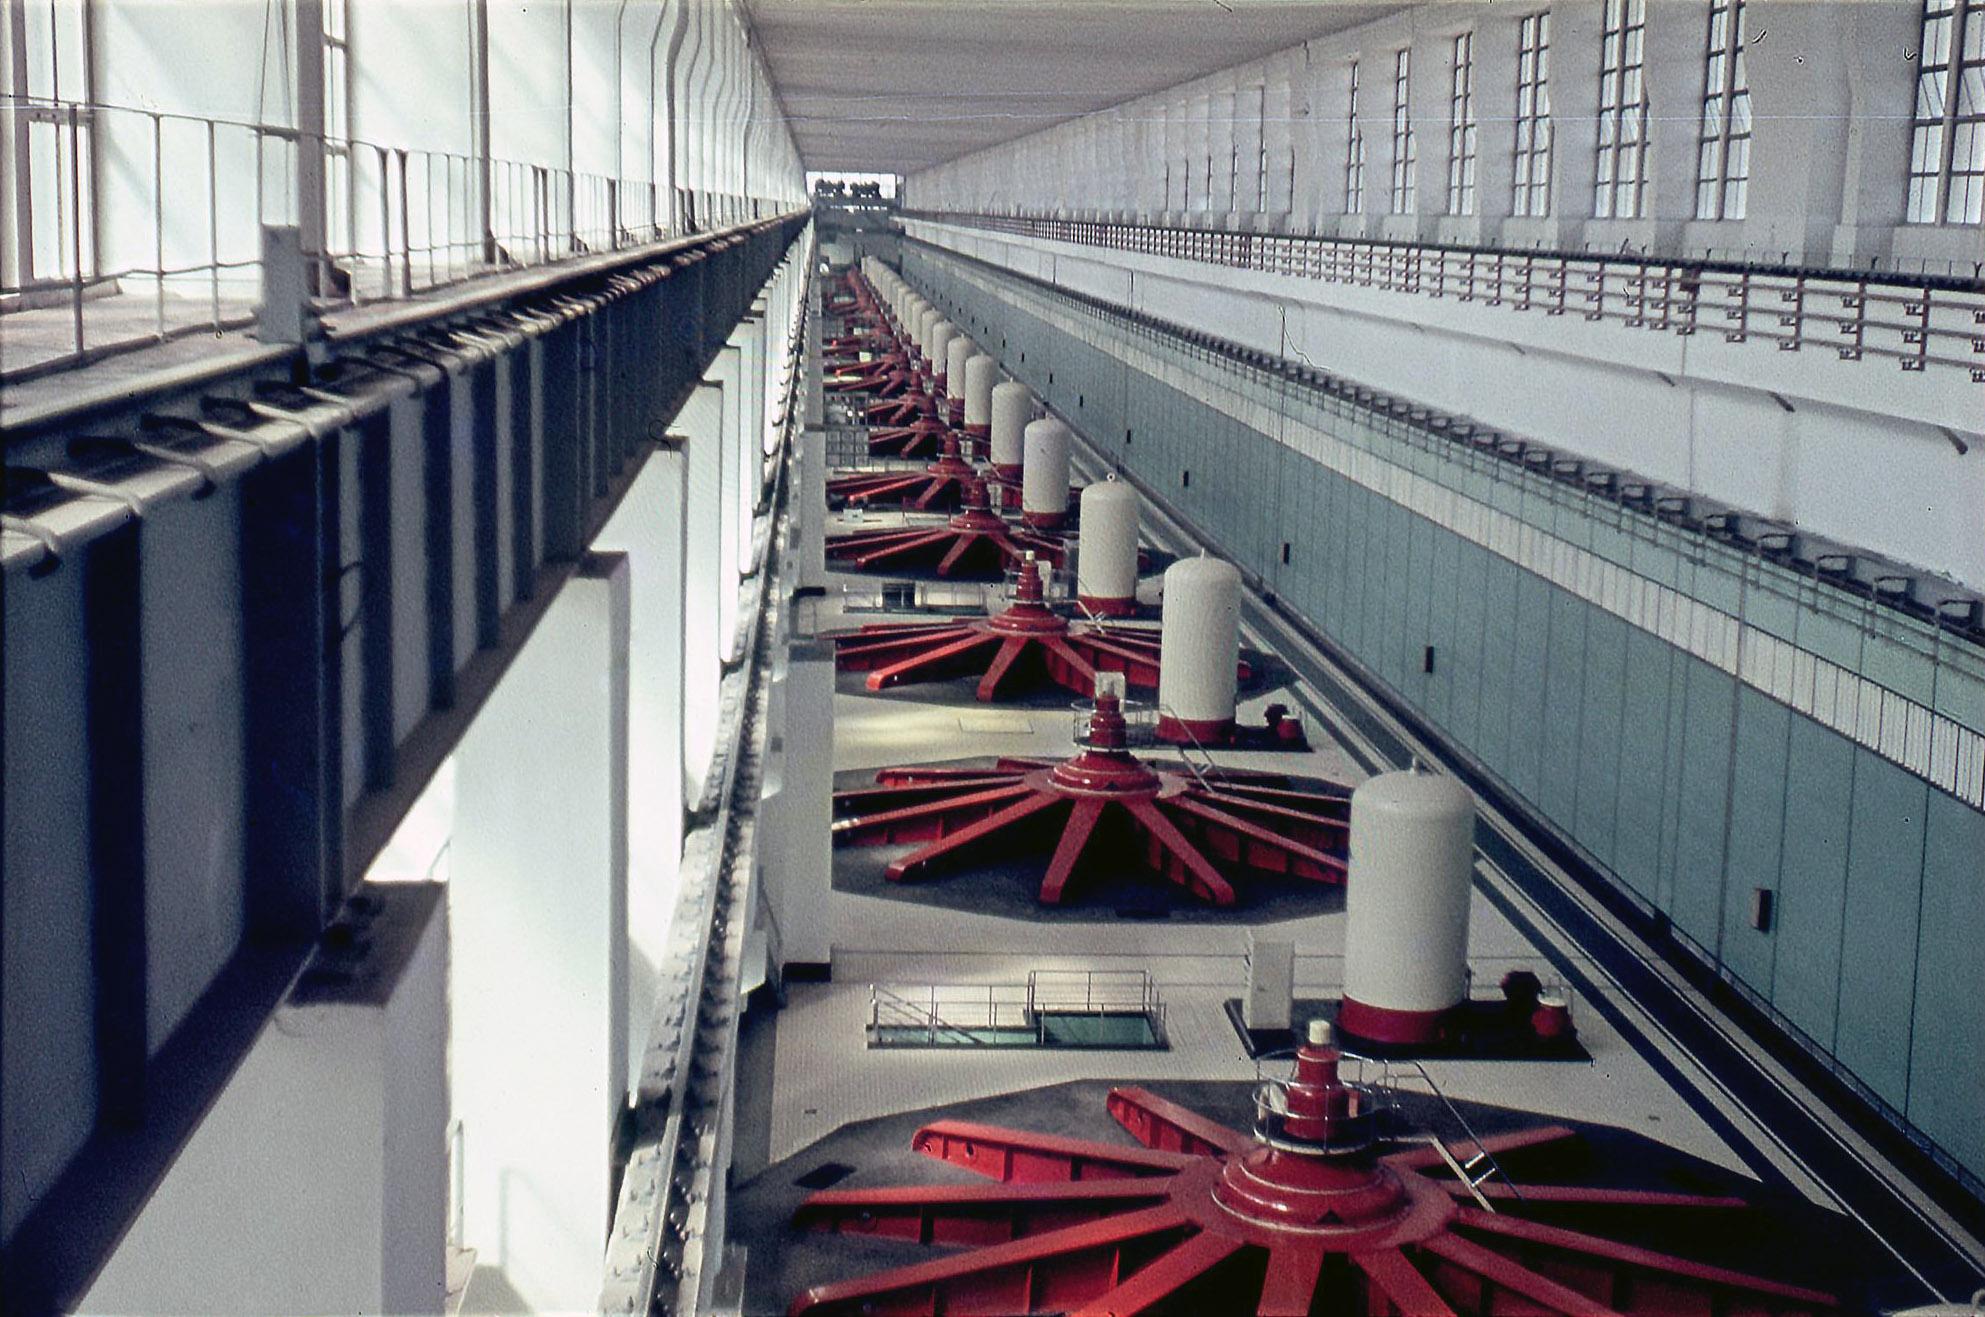 Волжский. Турбинный зал Волжской ГЭС